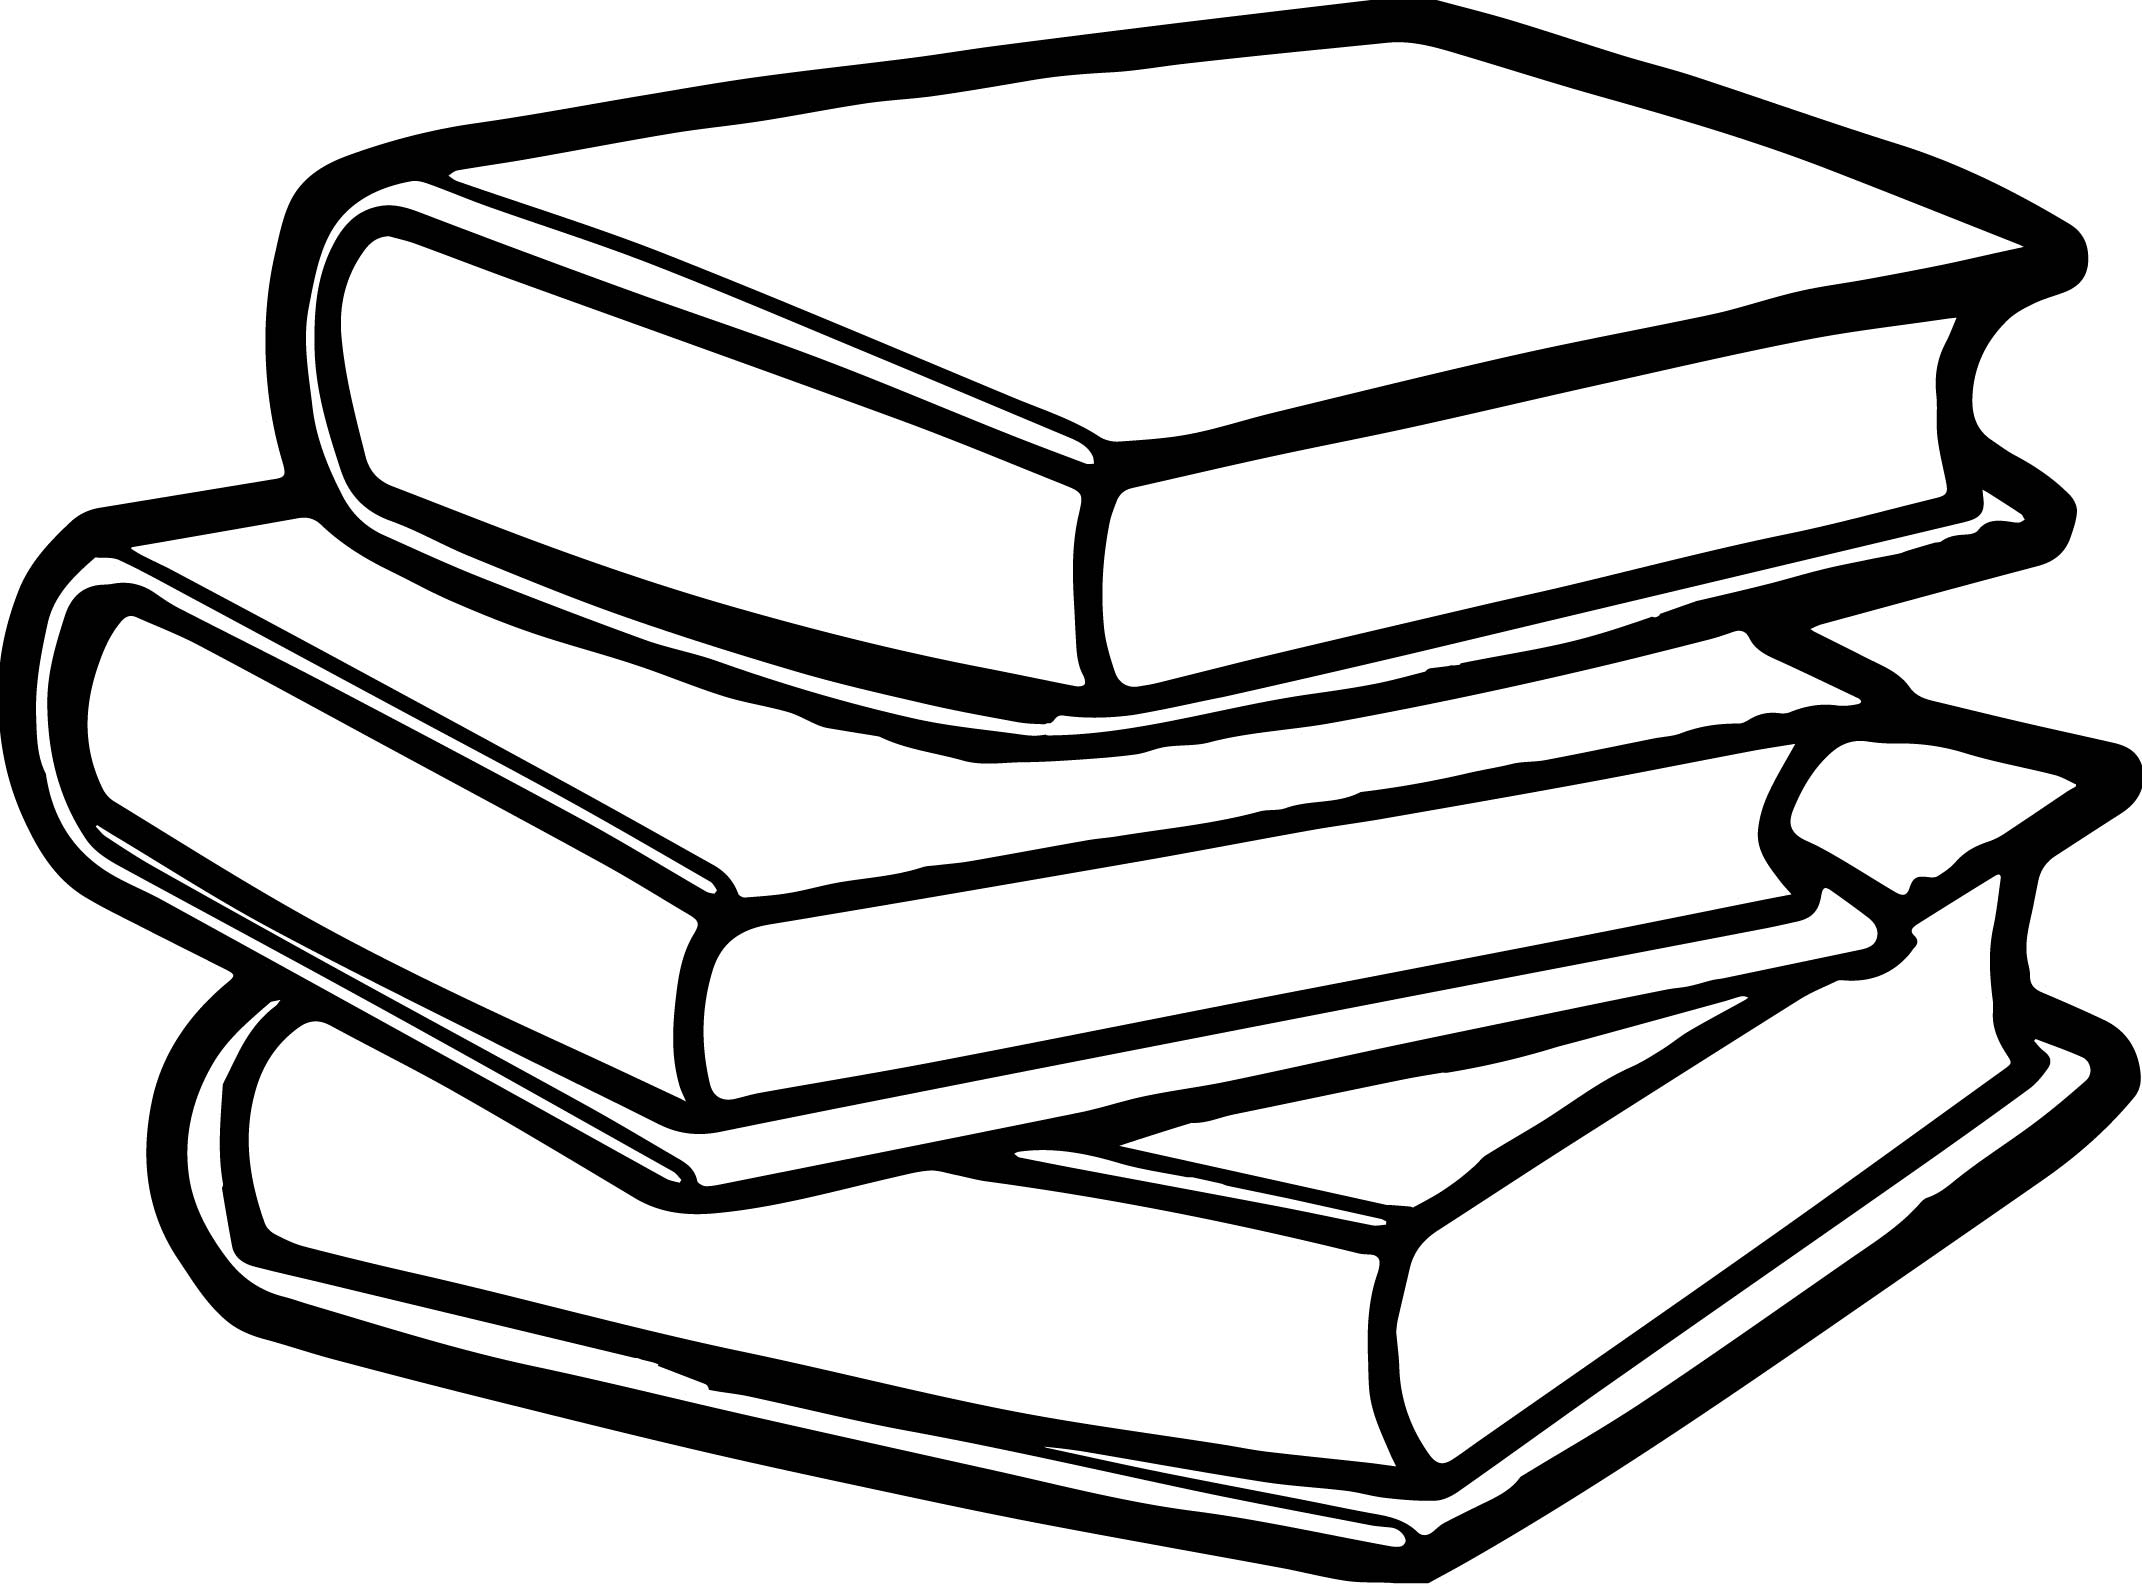 книги в стопке рисунок каждой